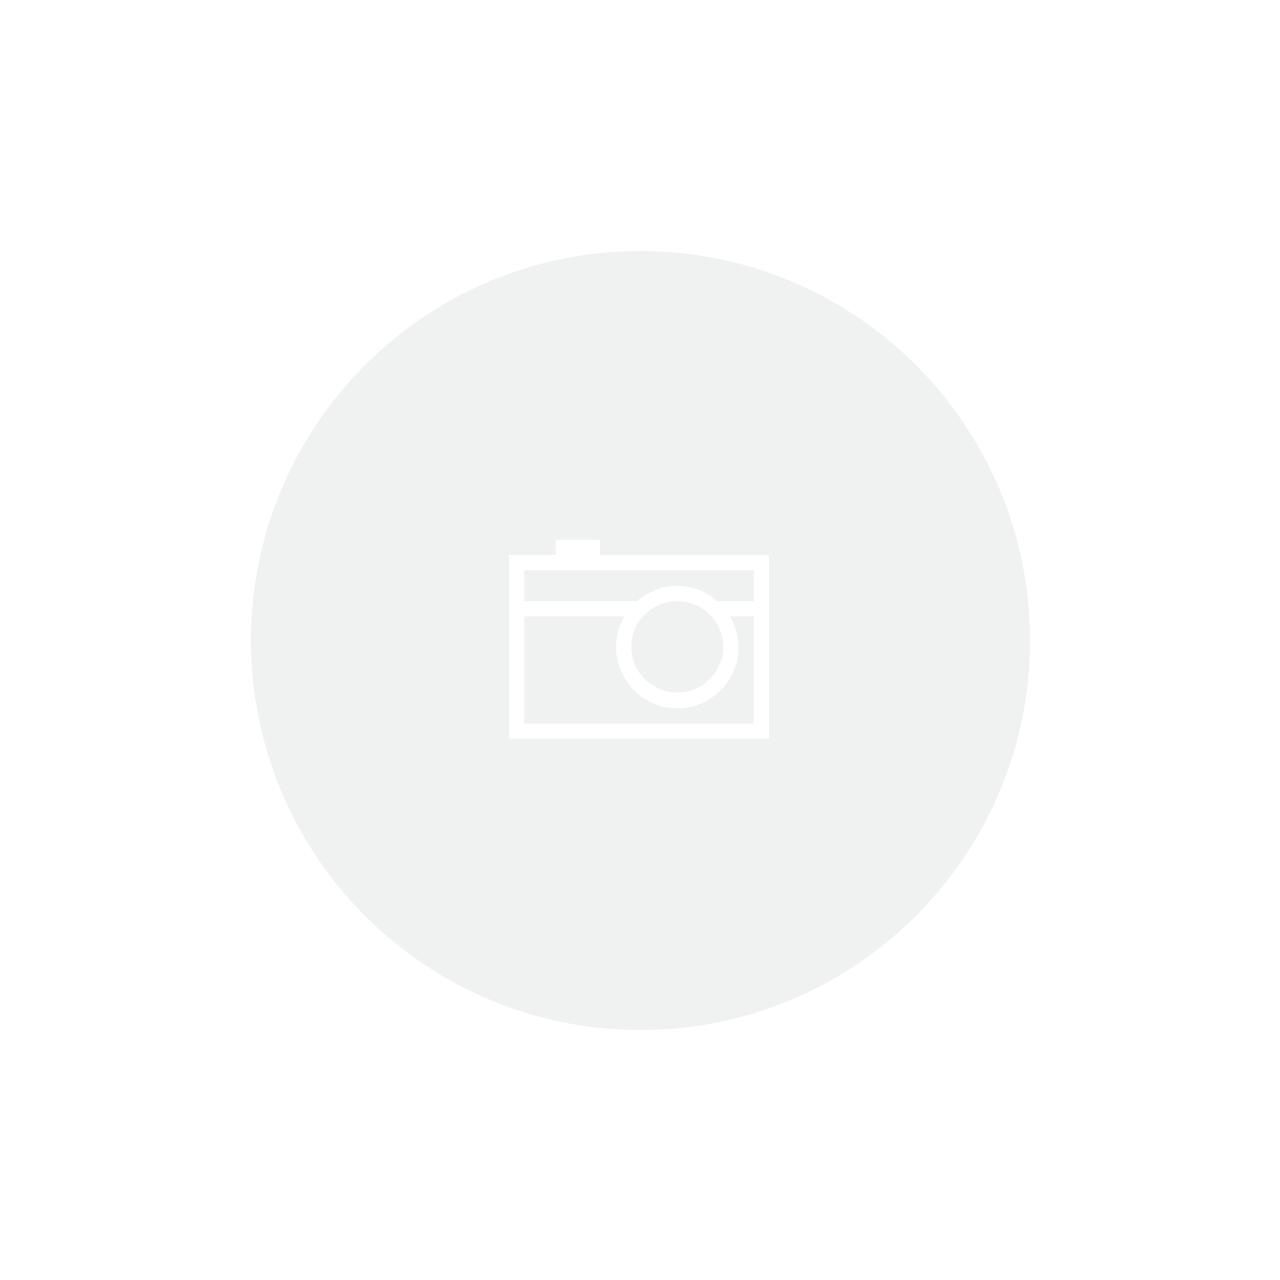 Chinelo Tecido Infantil Unissex Beeton Bali Infantil 03